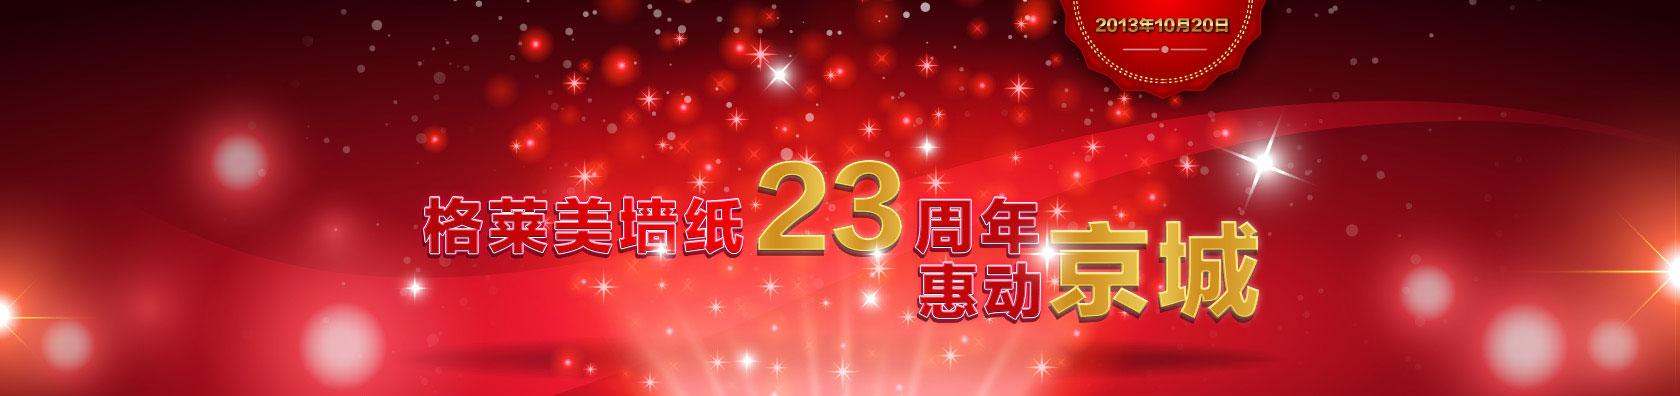 【北京】10月20日格莱美壁纸团购惠-北京一起装修网